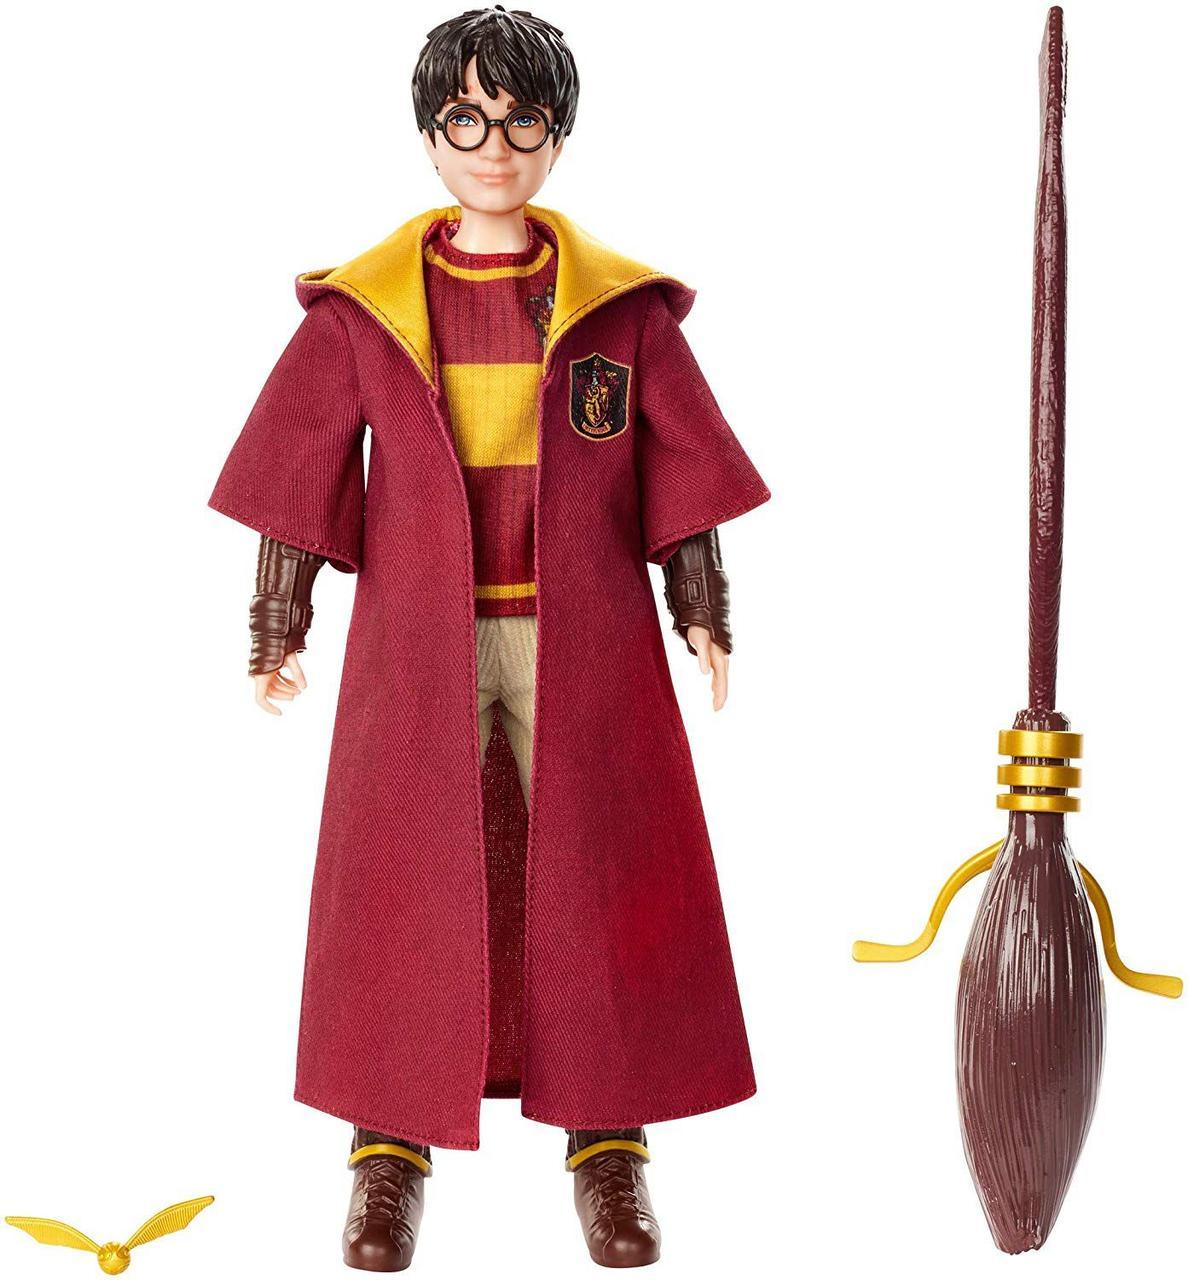 """Кукла """"Harry Potter"""" Гарри Поттер в костюме для квиддича"""